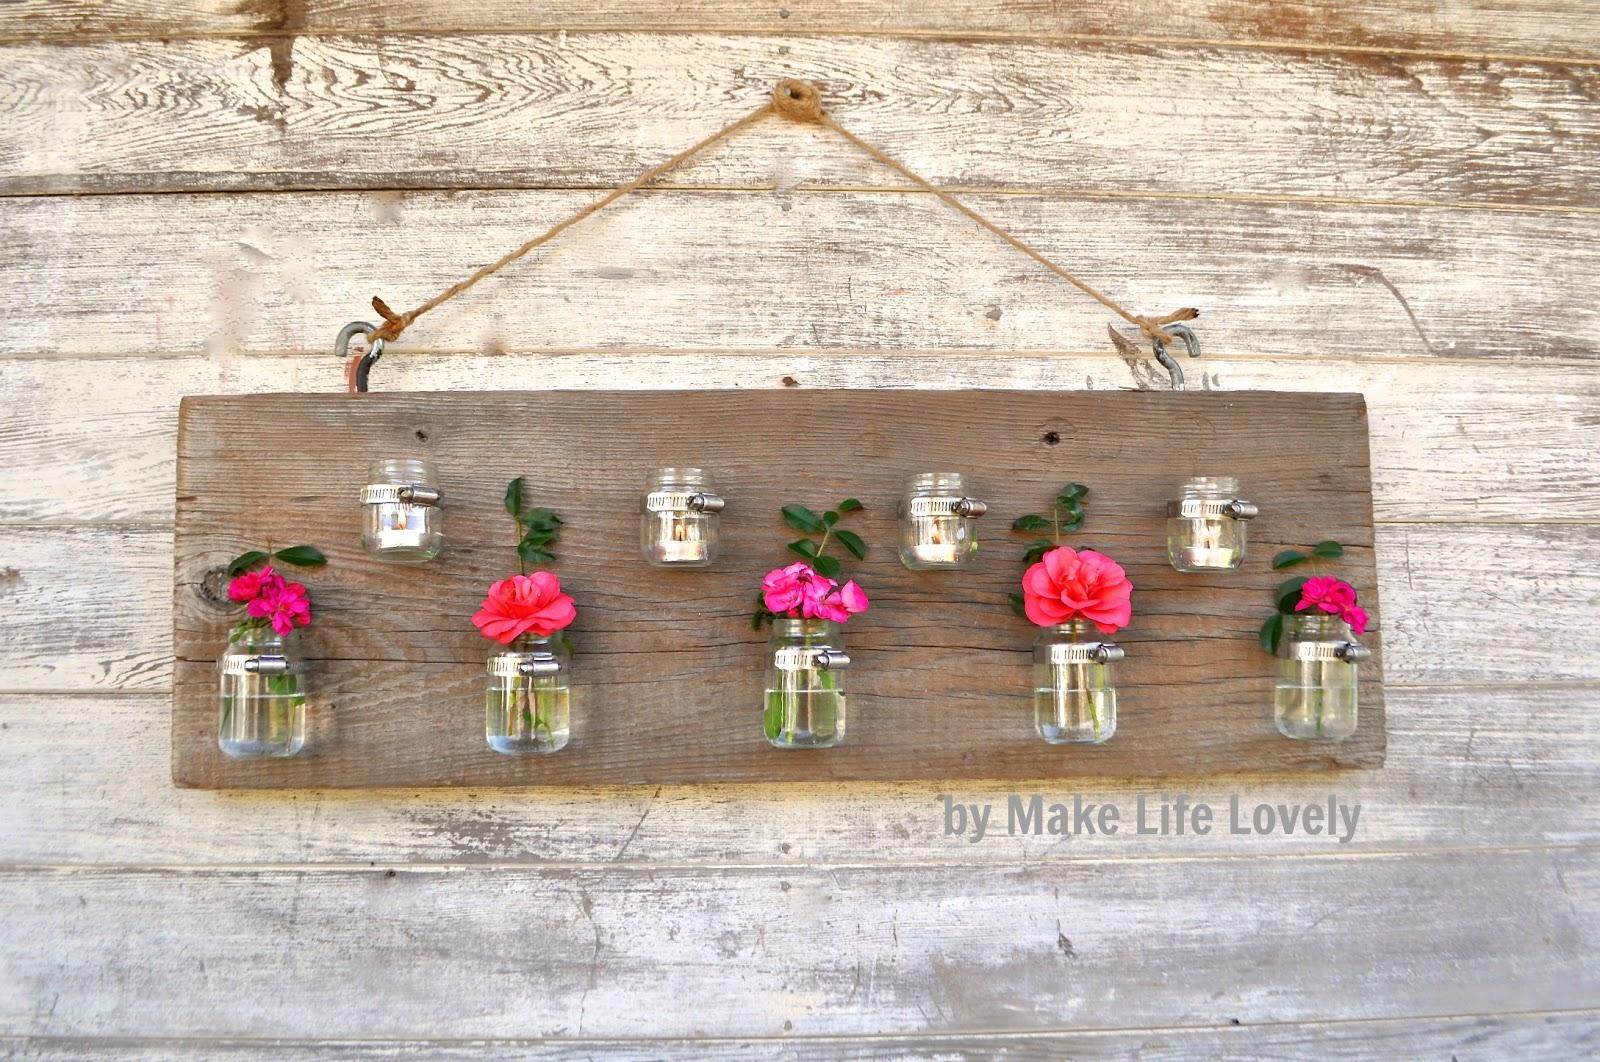 Wooden candle holders crafts - Diy Baby Food Jar Vase Candle Holder